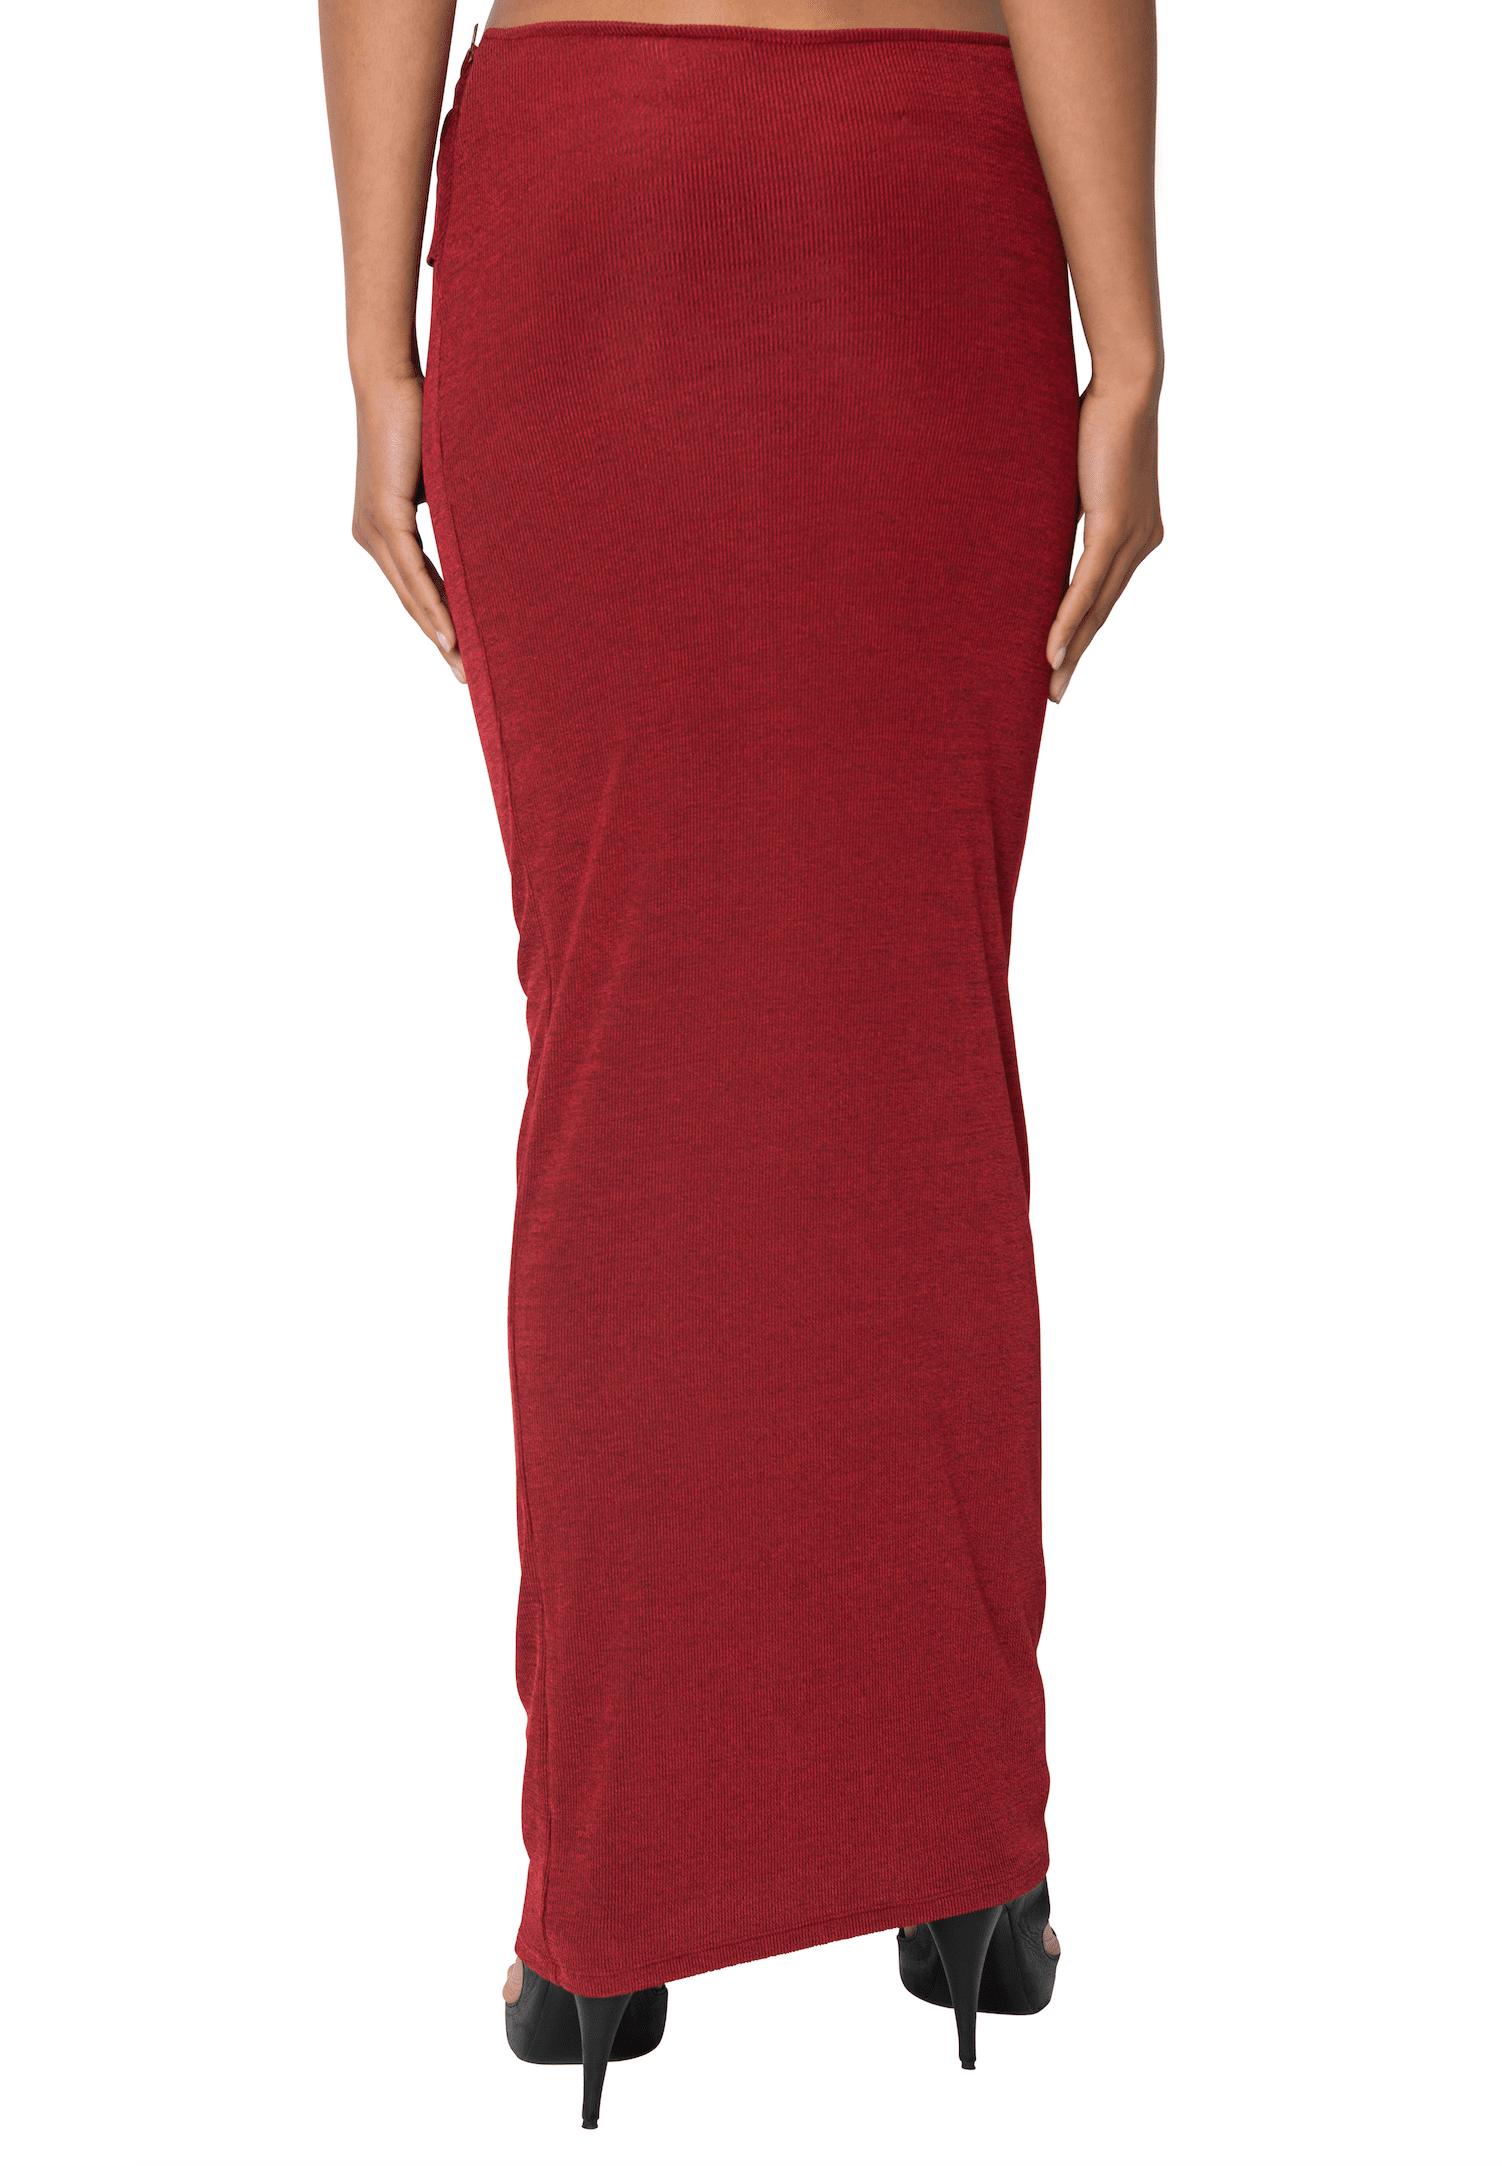 Skirt ALKALUROPS 3